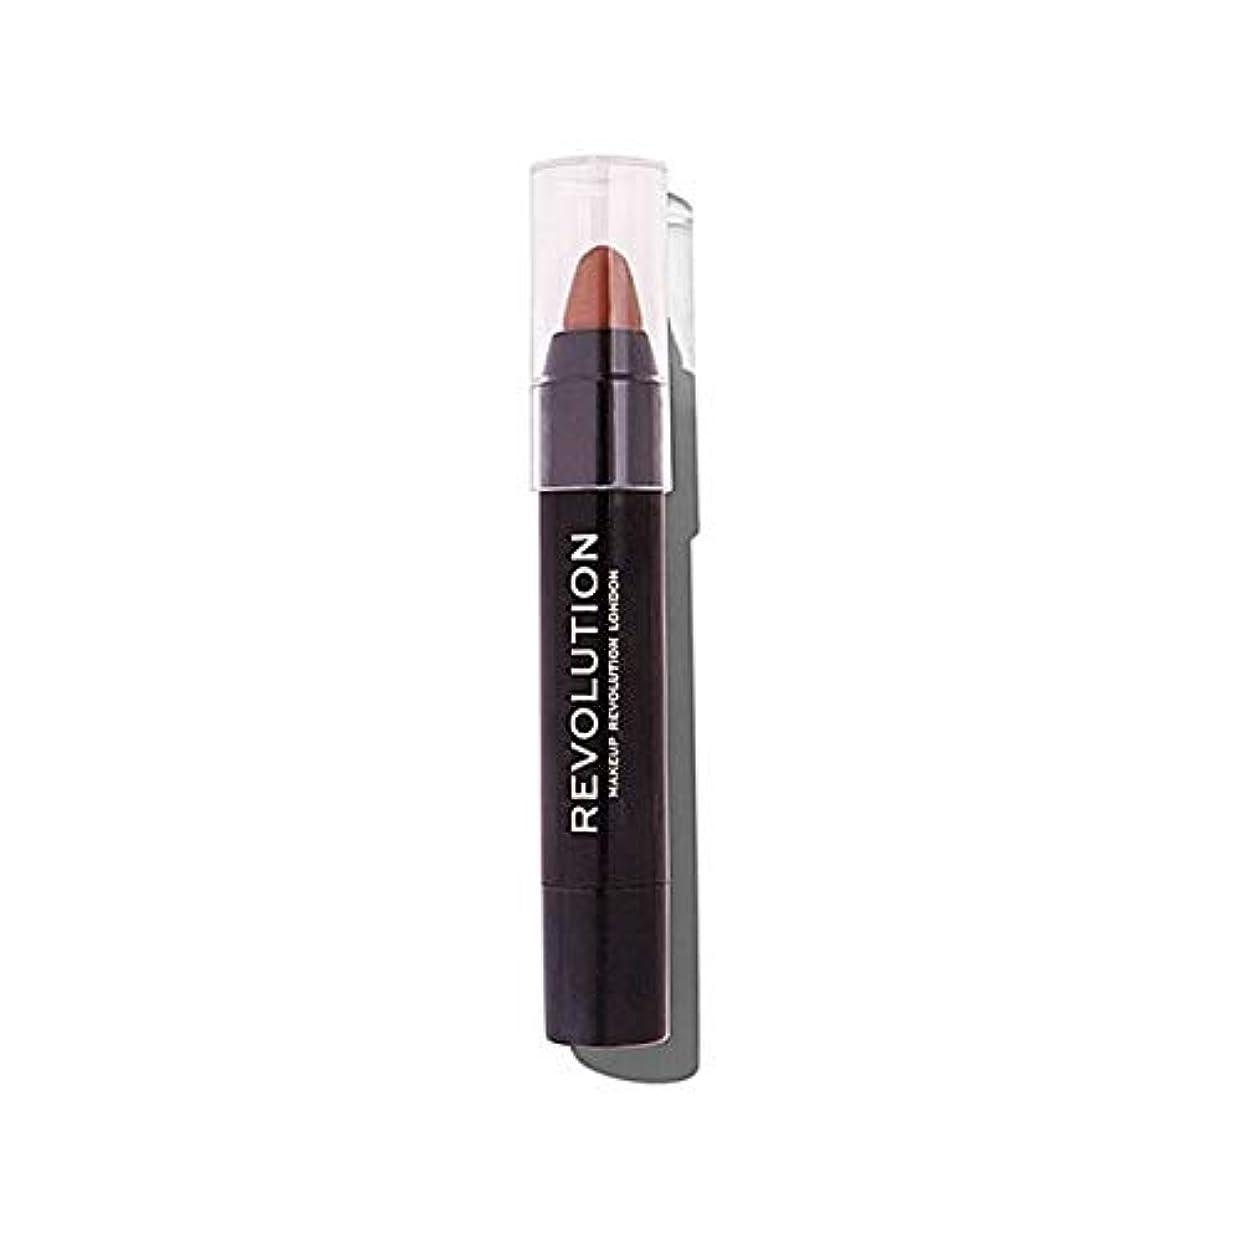 オッズガウン皮[Hair Revolution ] 化粧革命のルートスティックライトブラウンをカバー - Makeup Revolution Root Cover Up Stick Light Brown [並行輸入品]